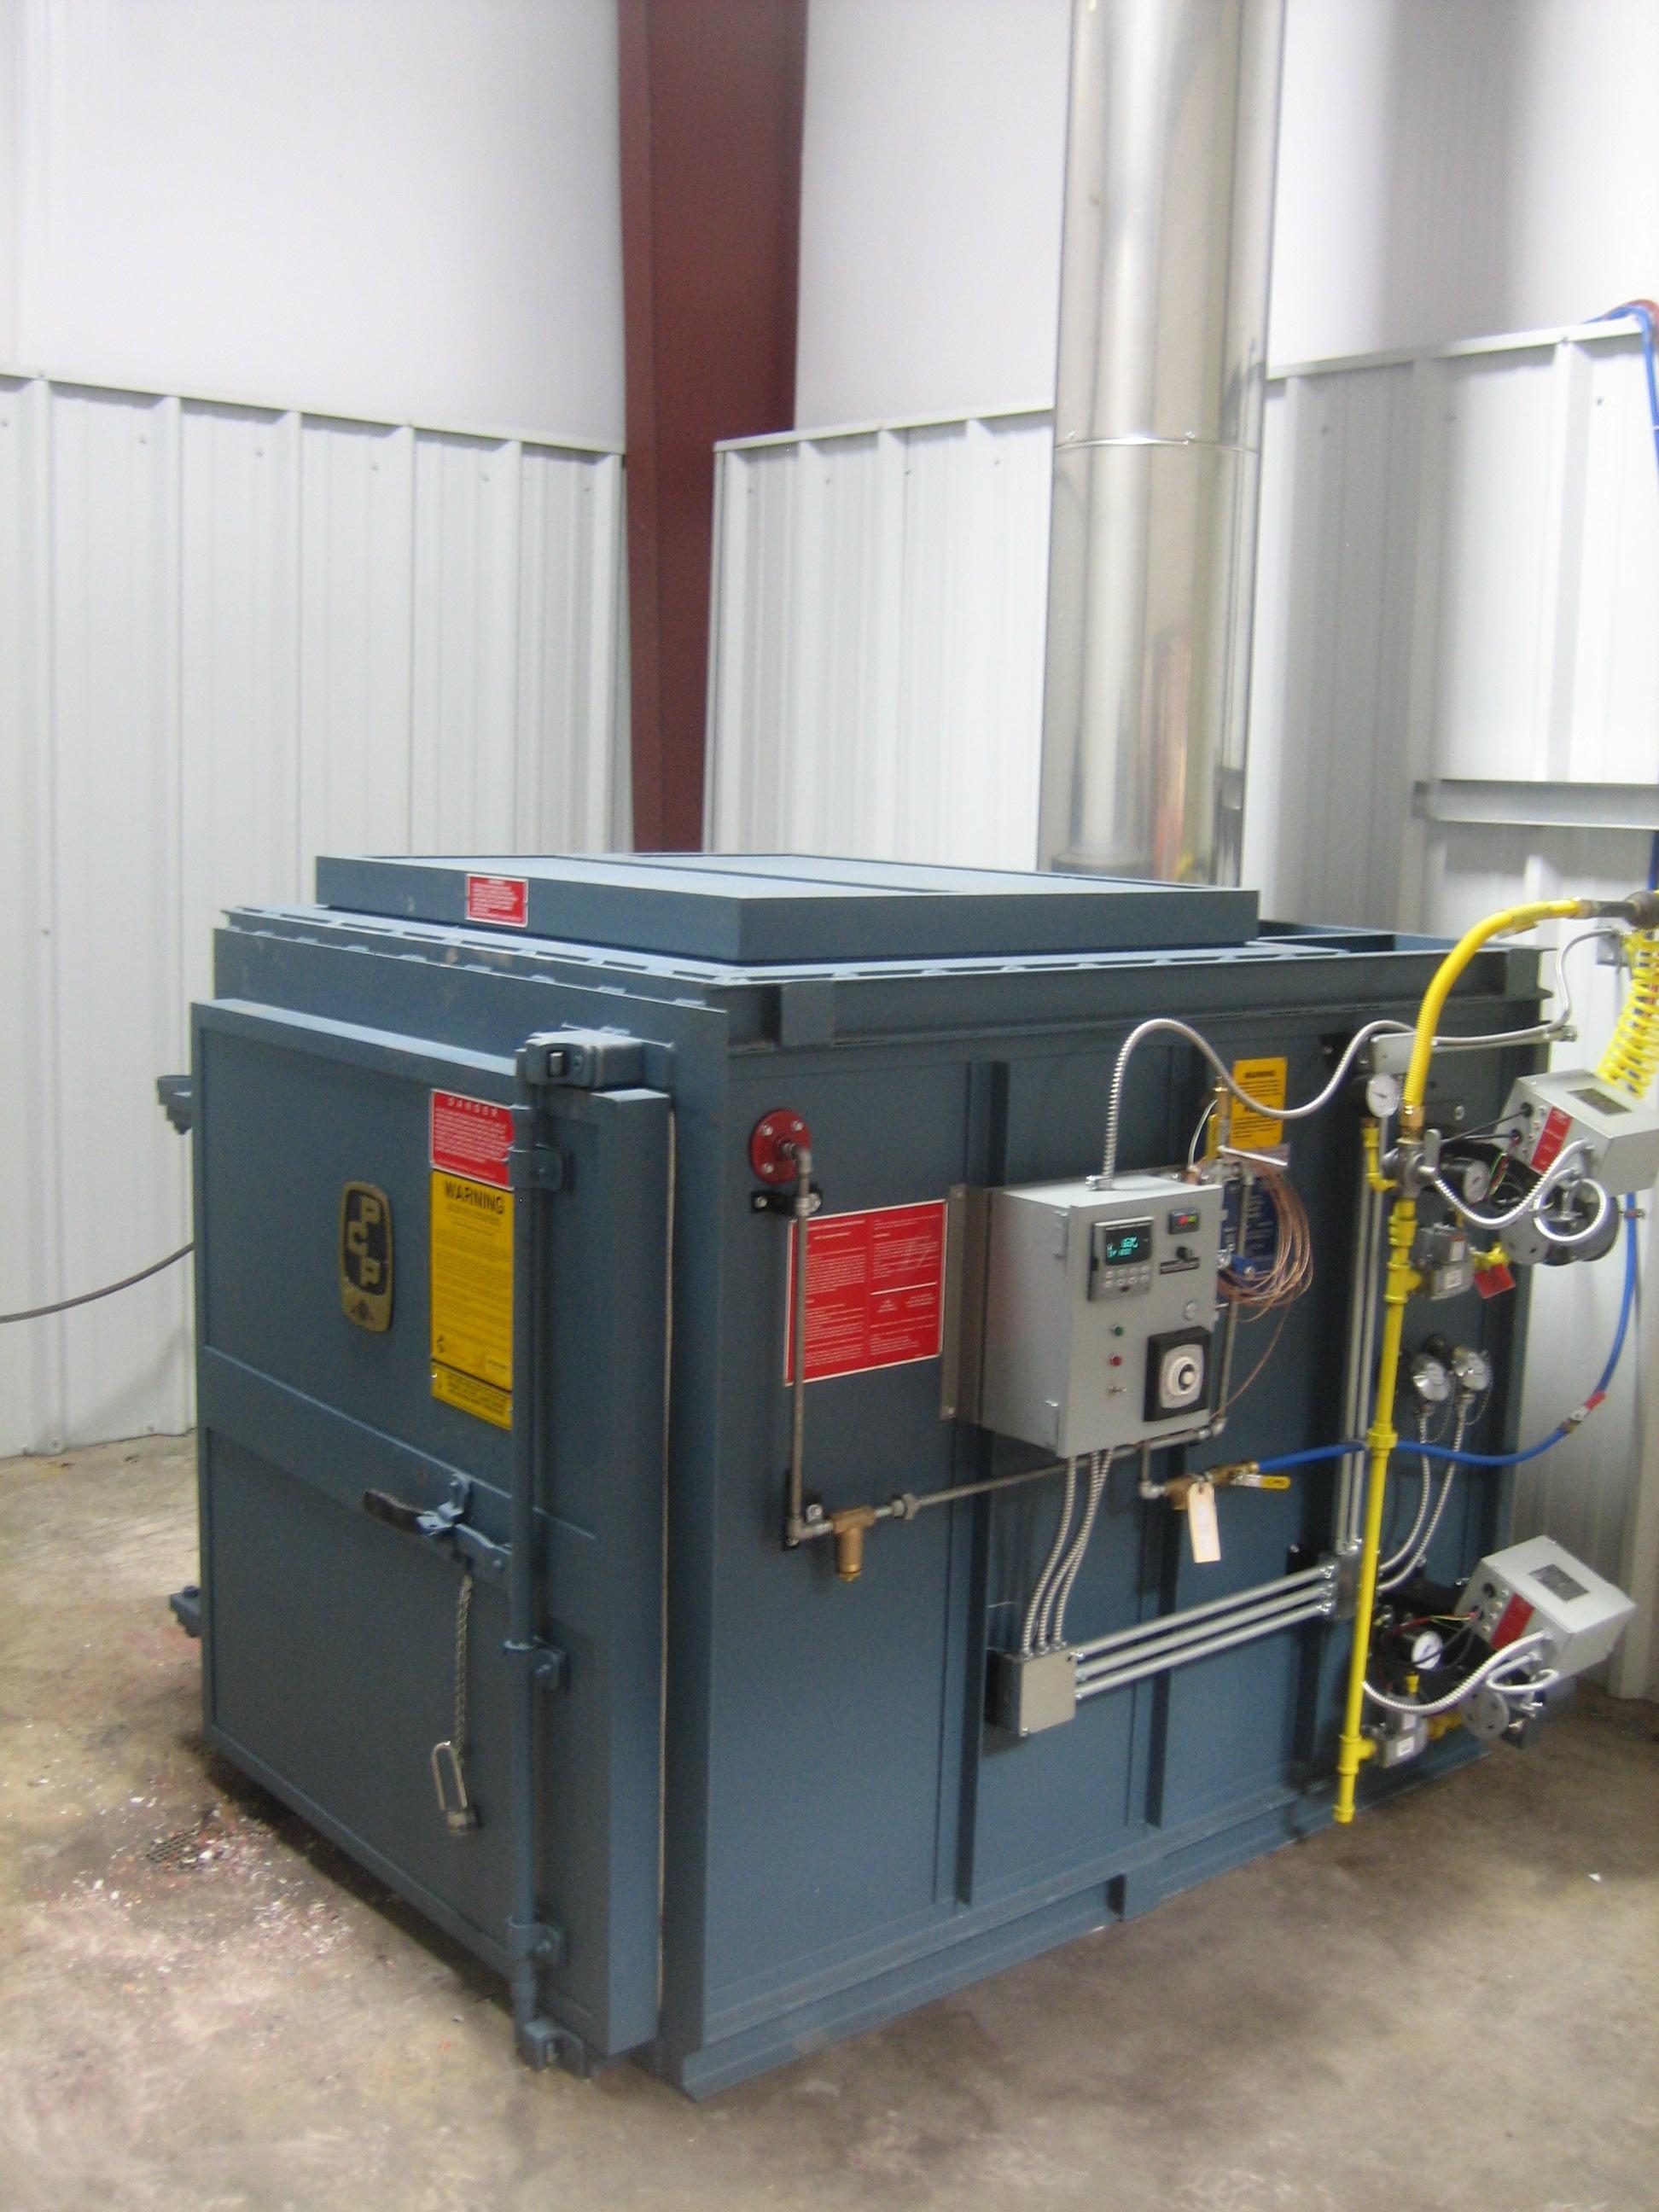 Arrow Industrial Equipment image 2